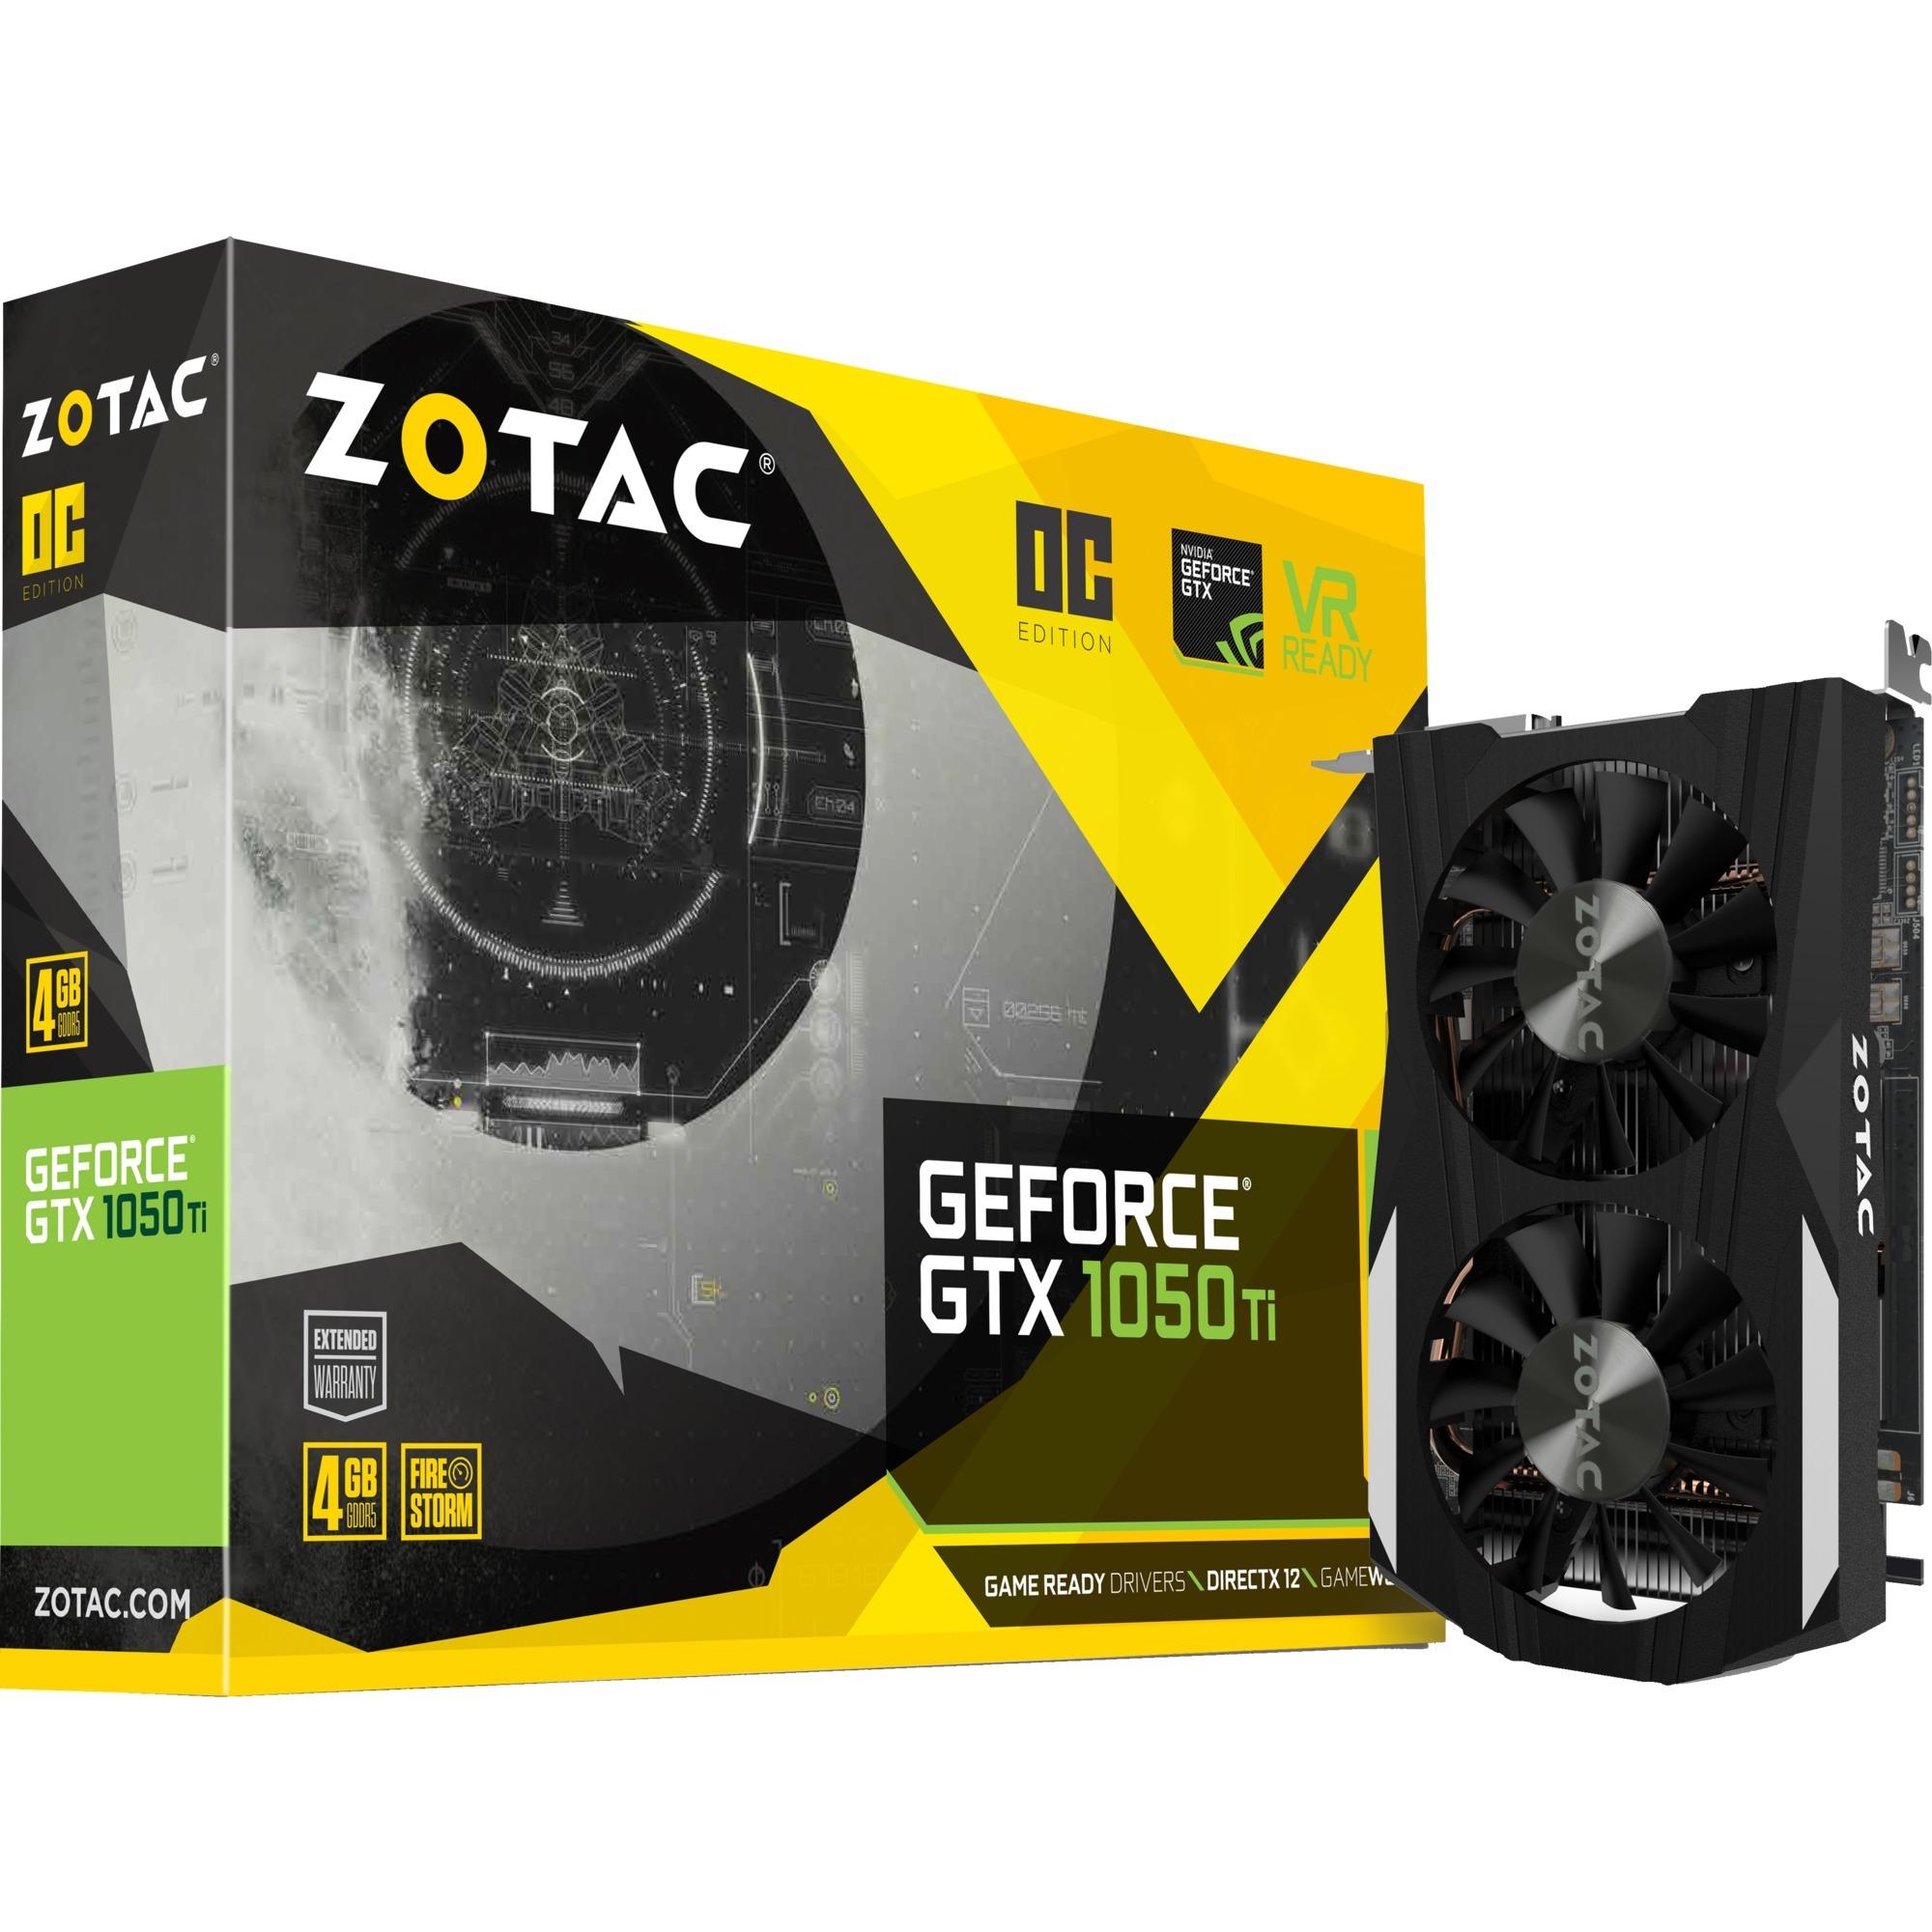 GeForce GTX 1050 Ti OC Edition 4 GB GDDR5, Tarjeta gráfica